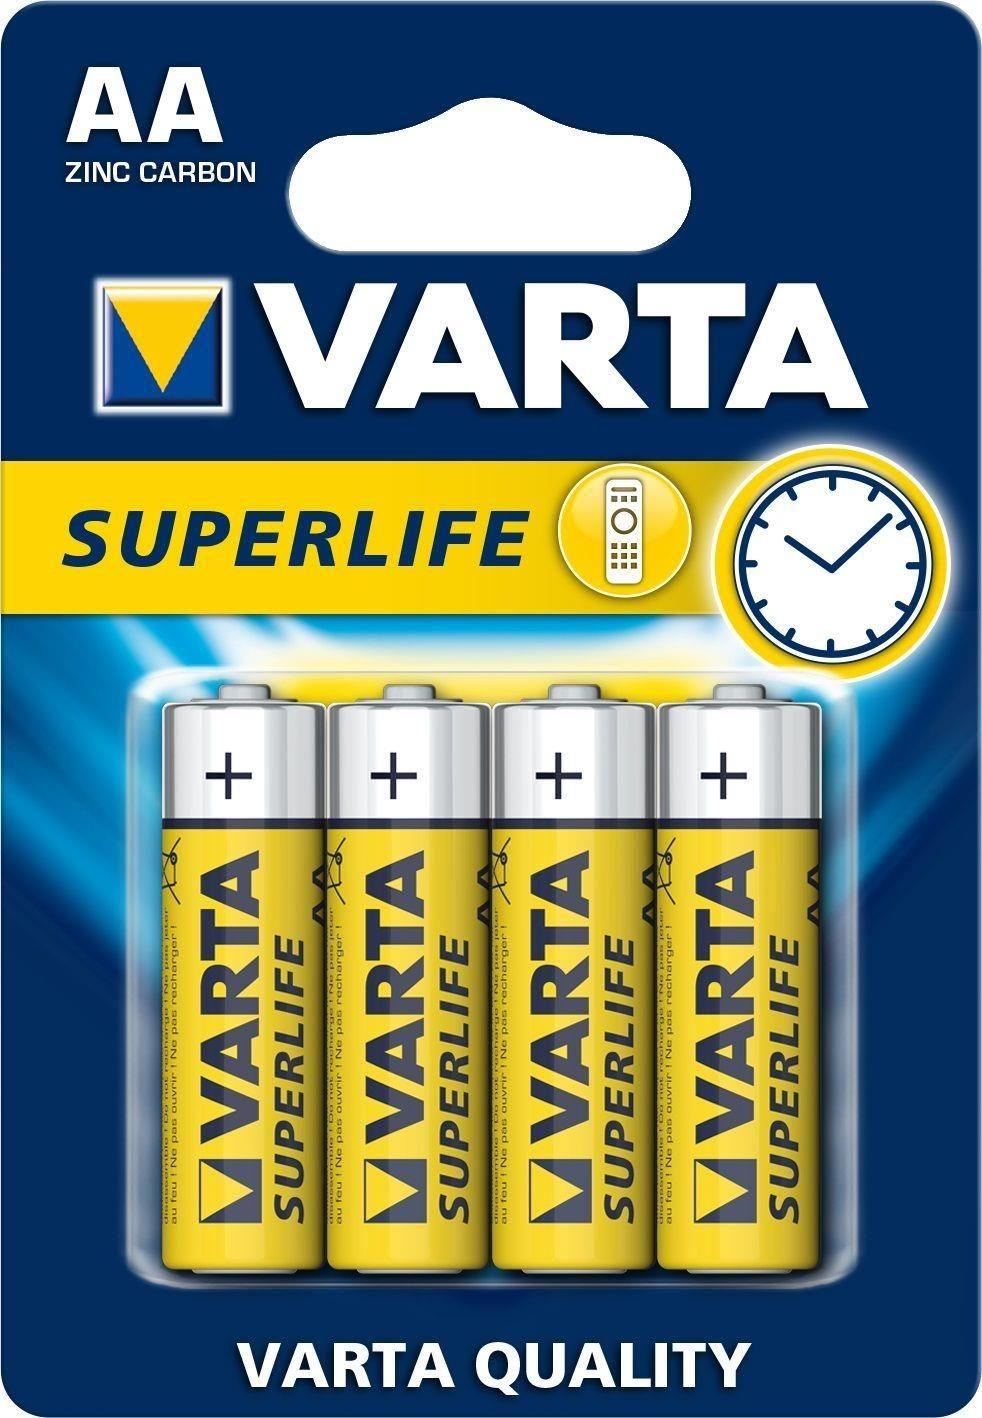 VARTA Baterie Varta Superlife, Mignon R6P/AA - 4 szt